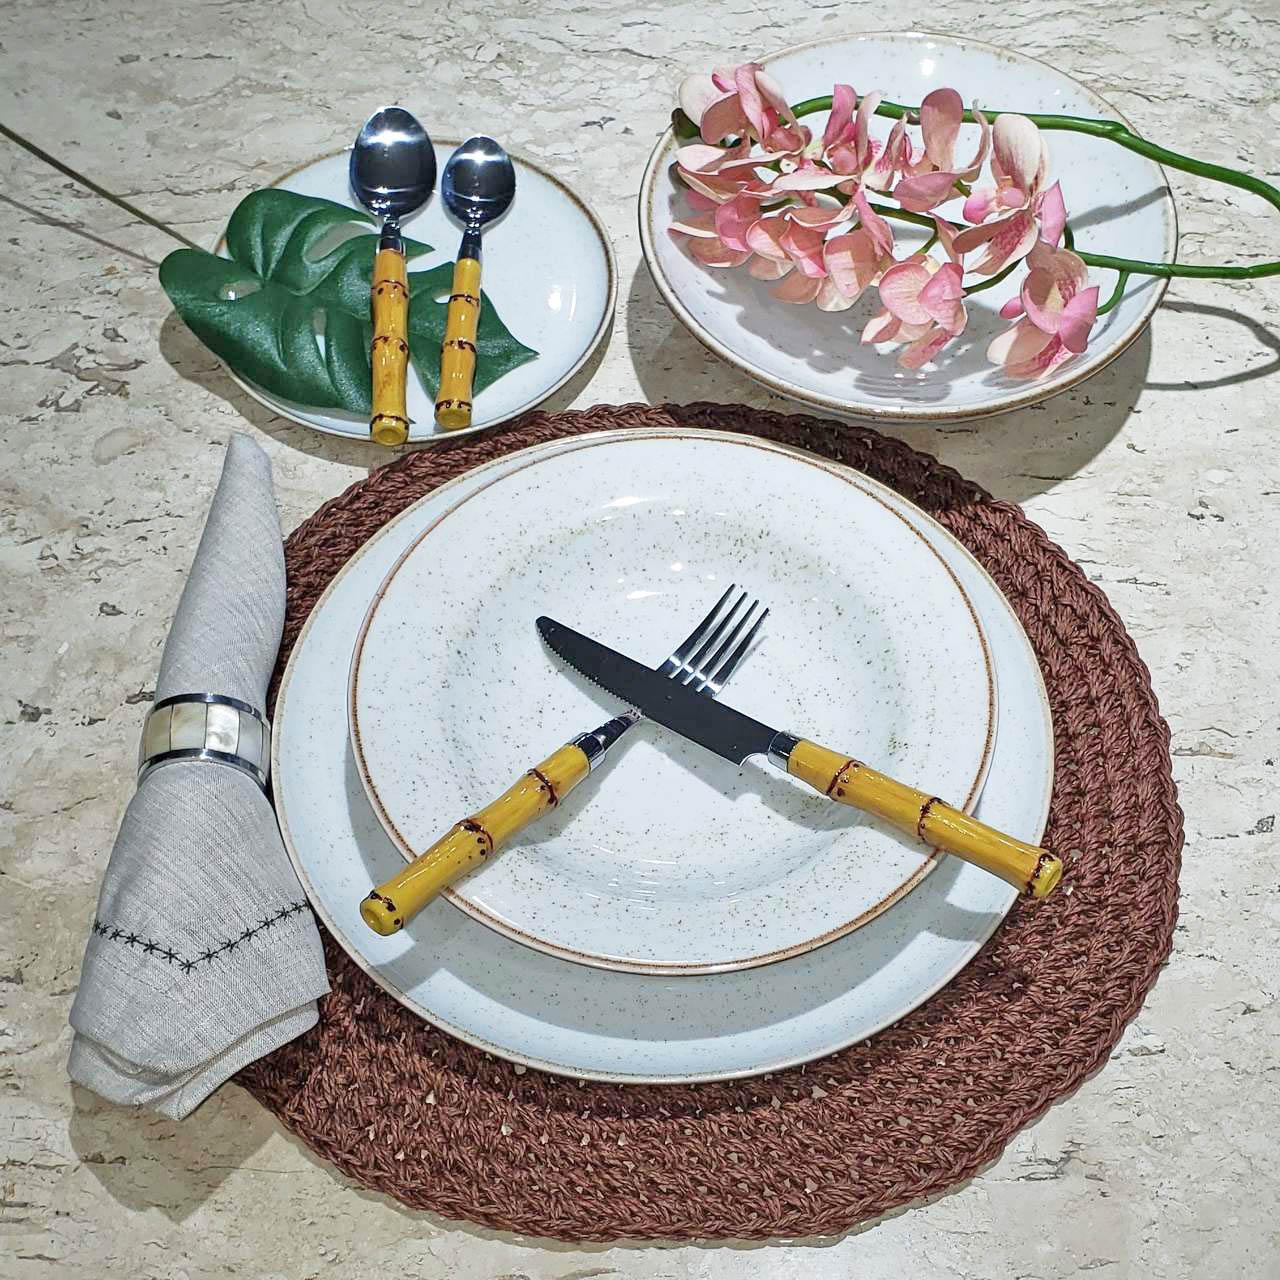 Jogo de Jantar de Porcelana Artisan com Jogo Americano-17 peças